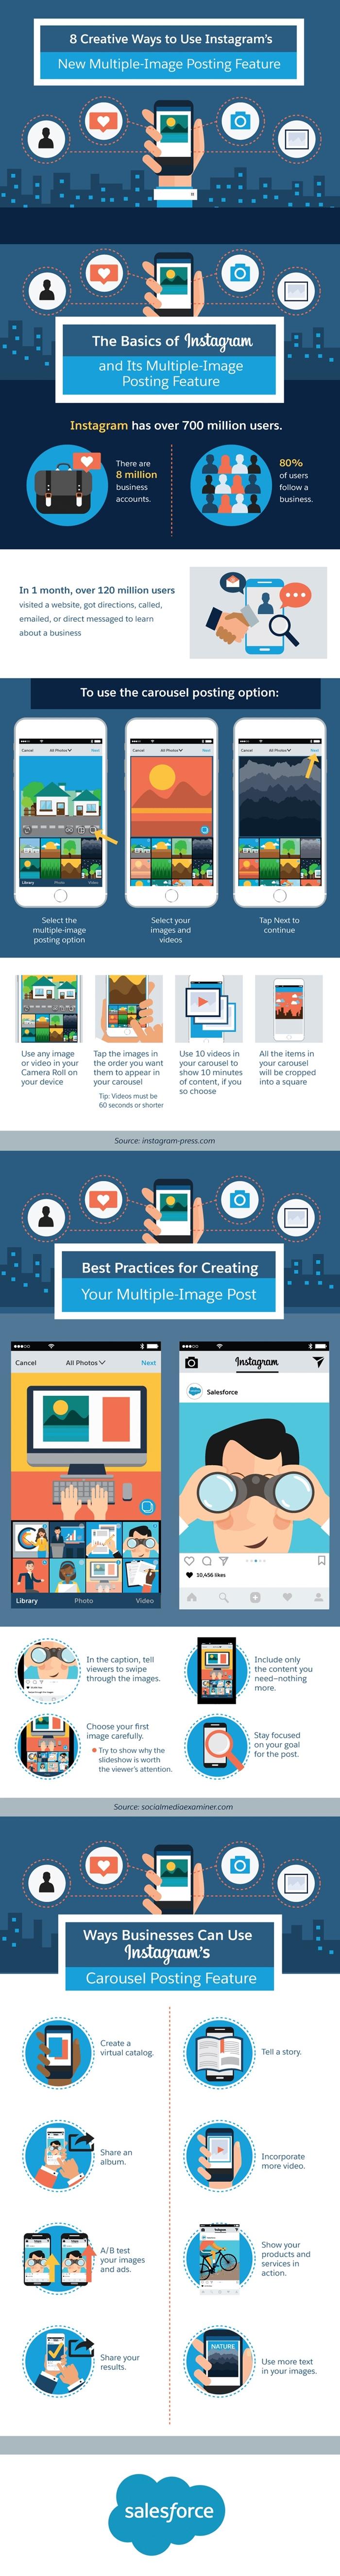 SalesforceInstagramInfographic-7001